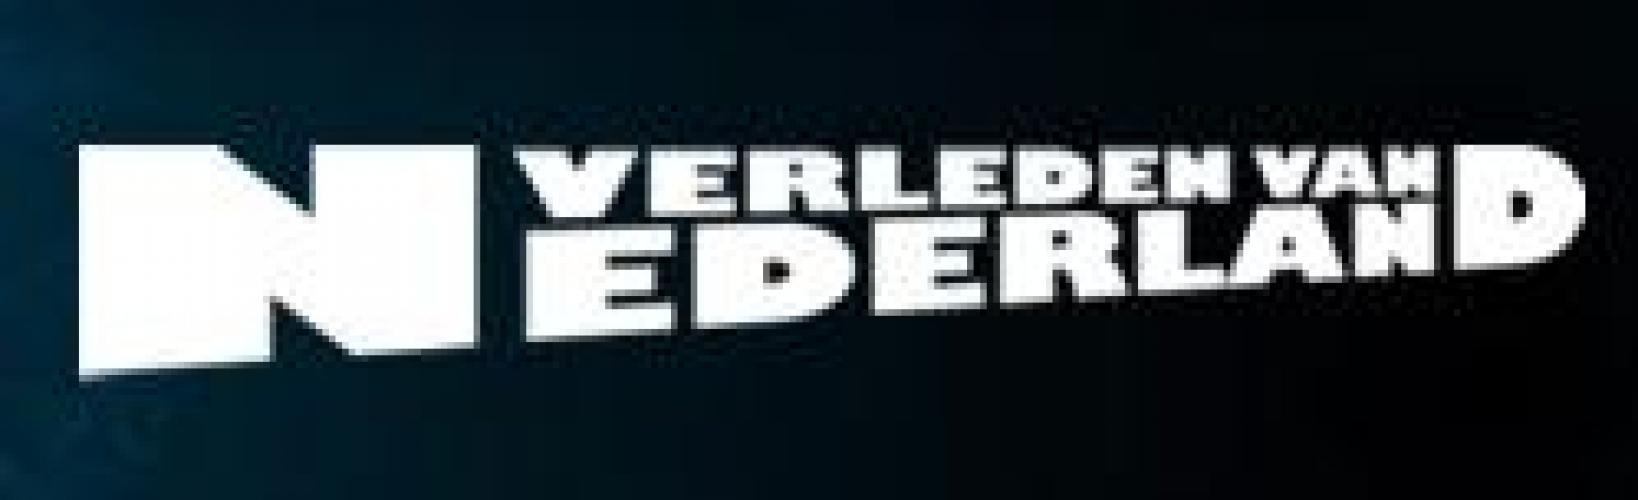 Verleden van Nederland next episode air date poster